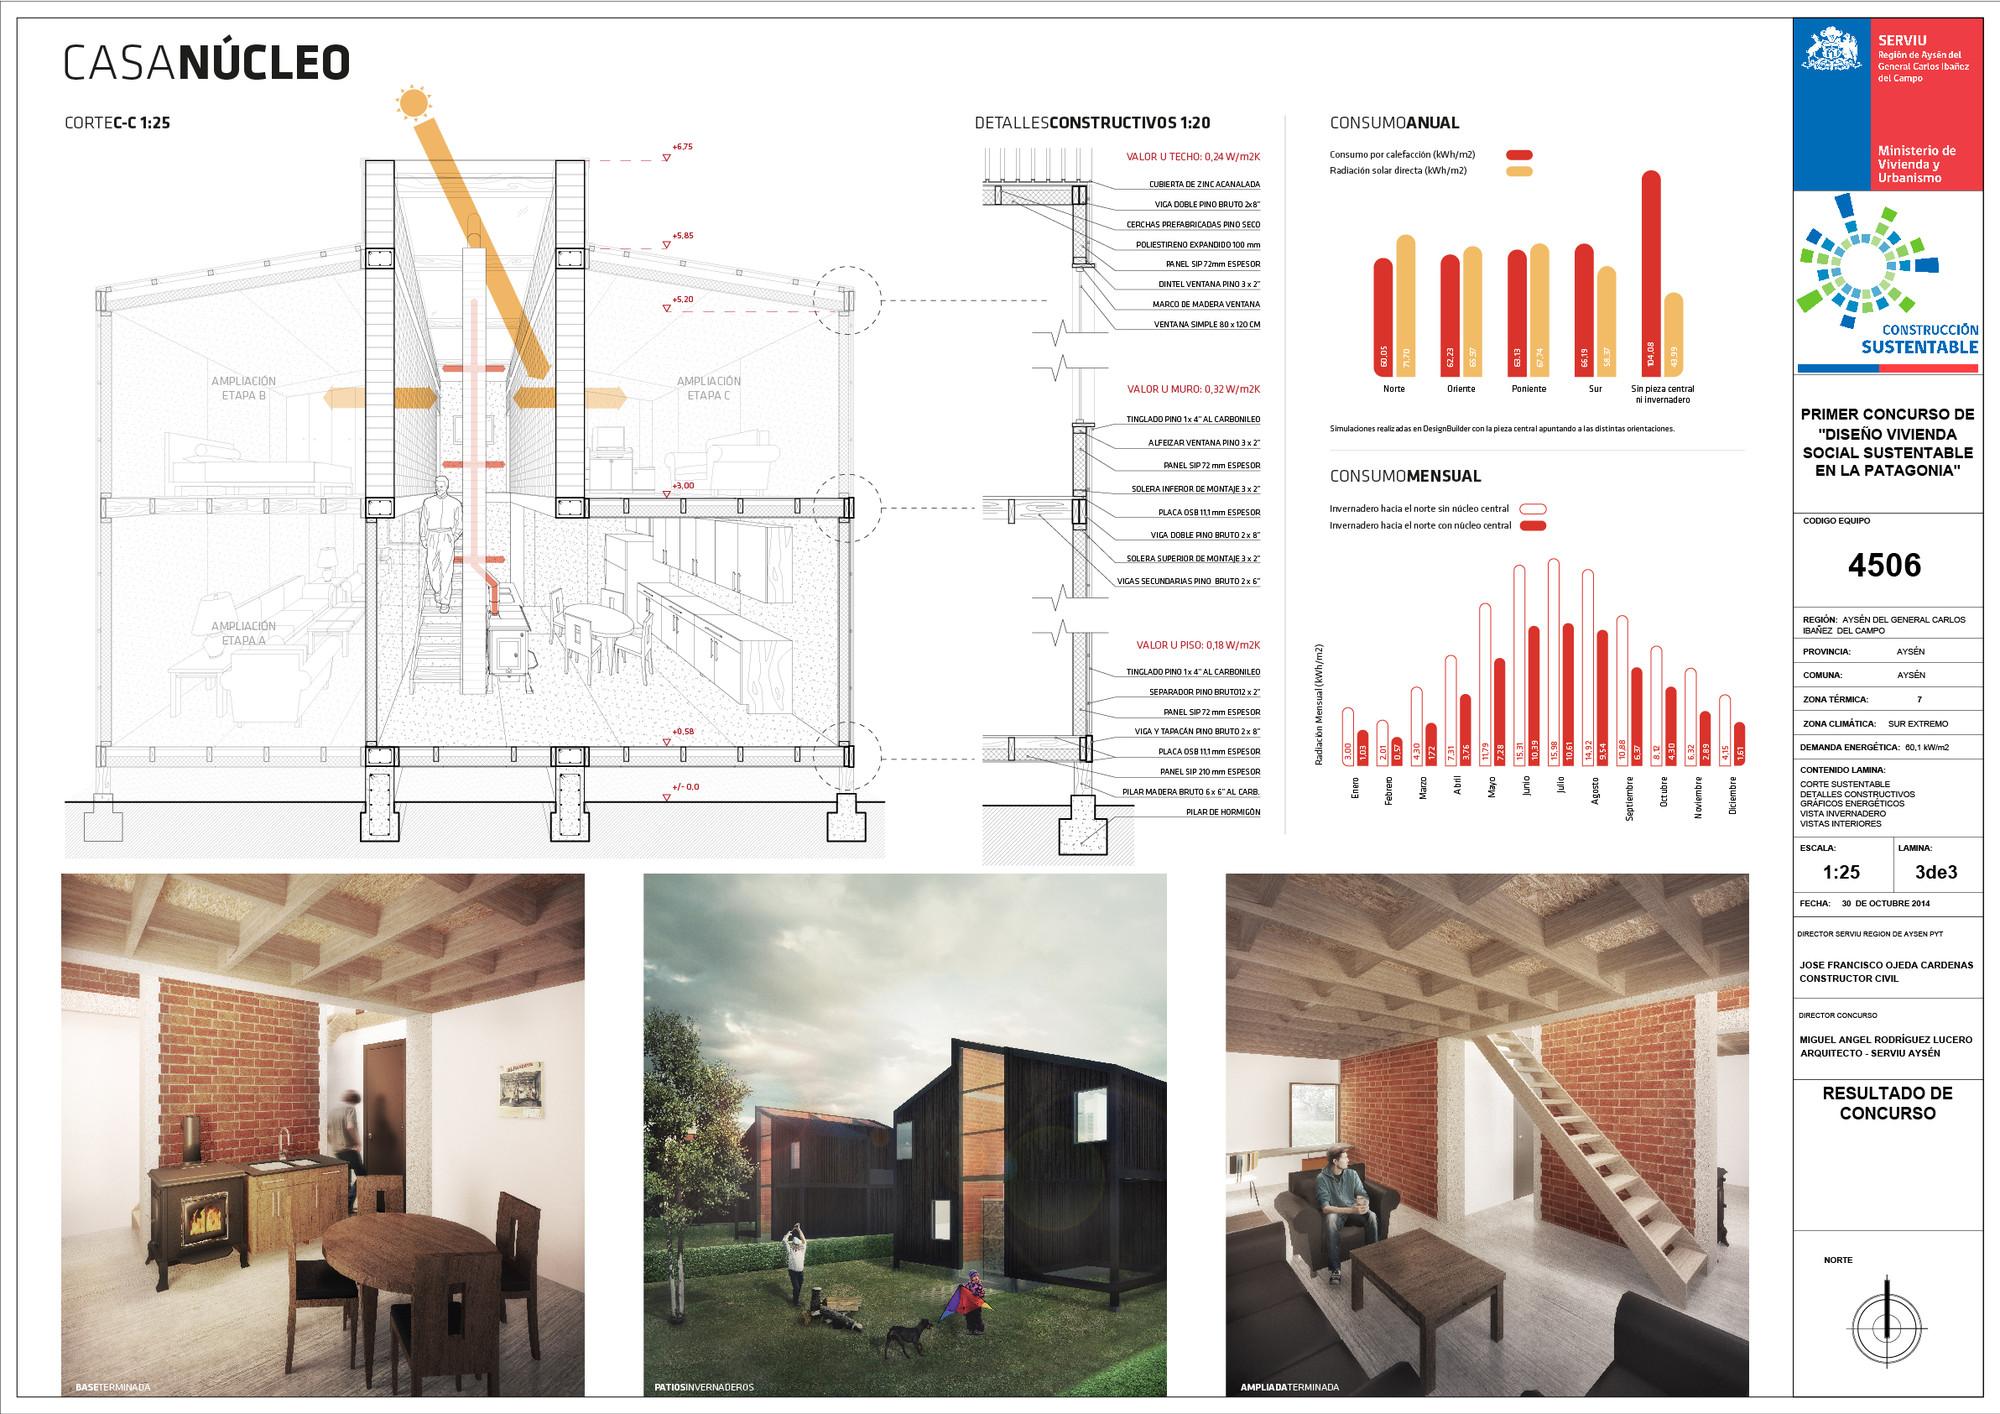 1 lugar dise o de vivienda social sustentable taringa for Diseno vivienda